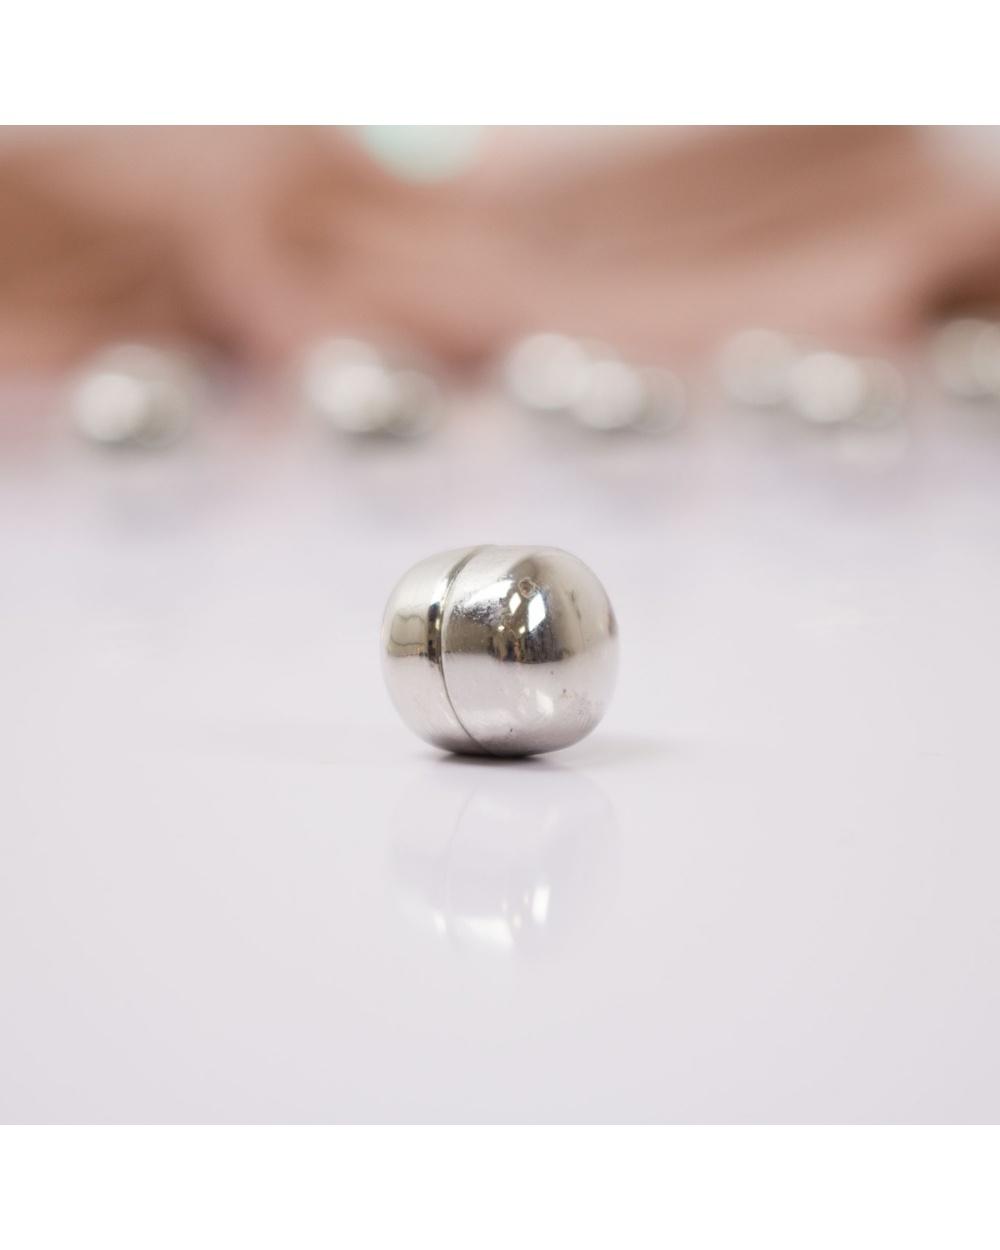 Hijab Magnet Pins